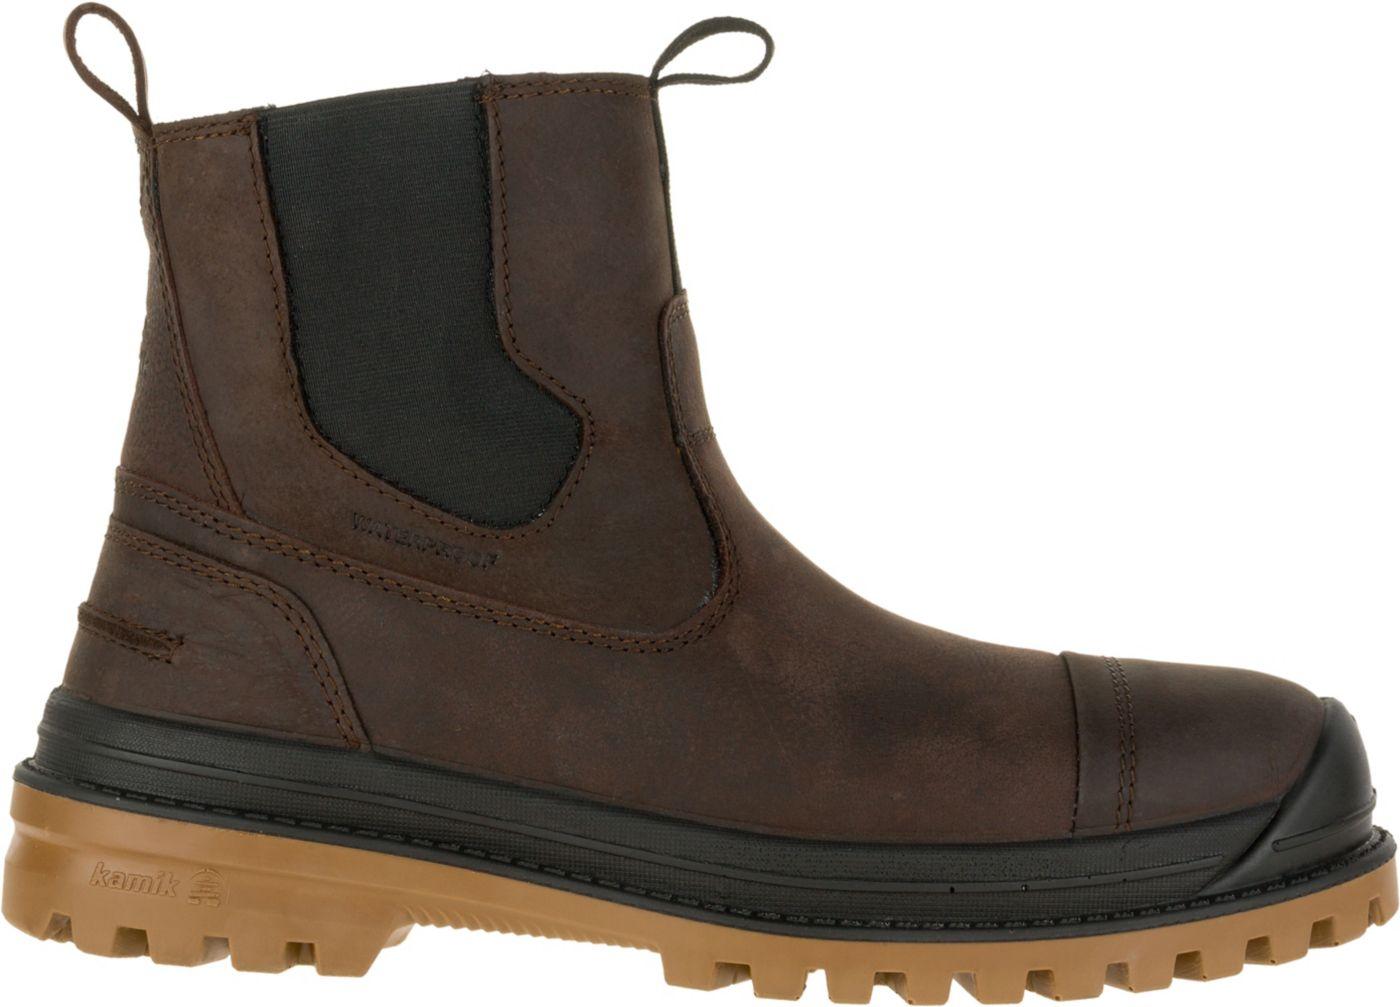 Kamik Men's GriffonC 200g Winter Boots